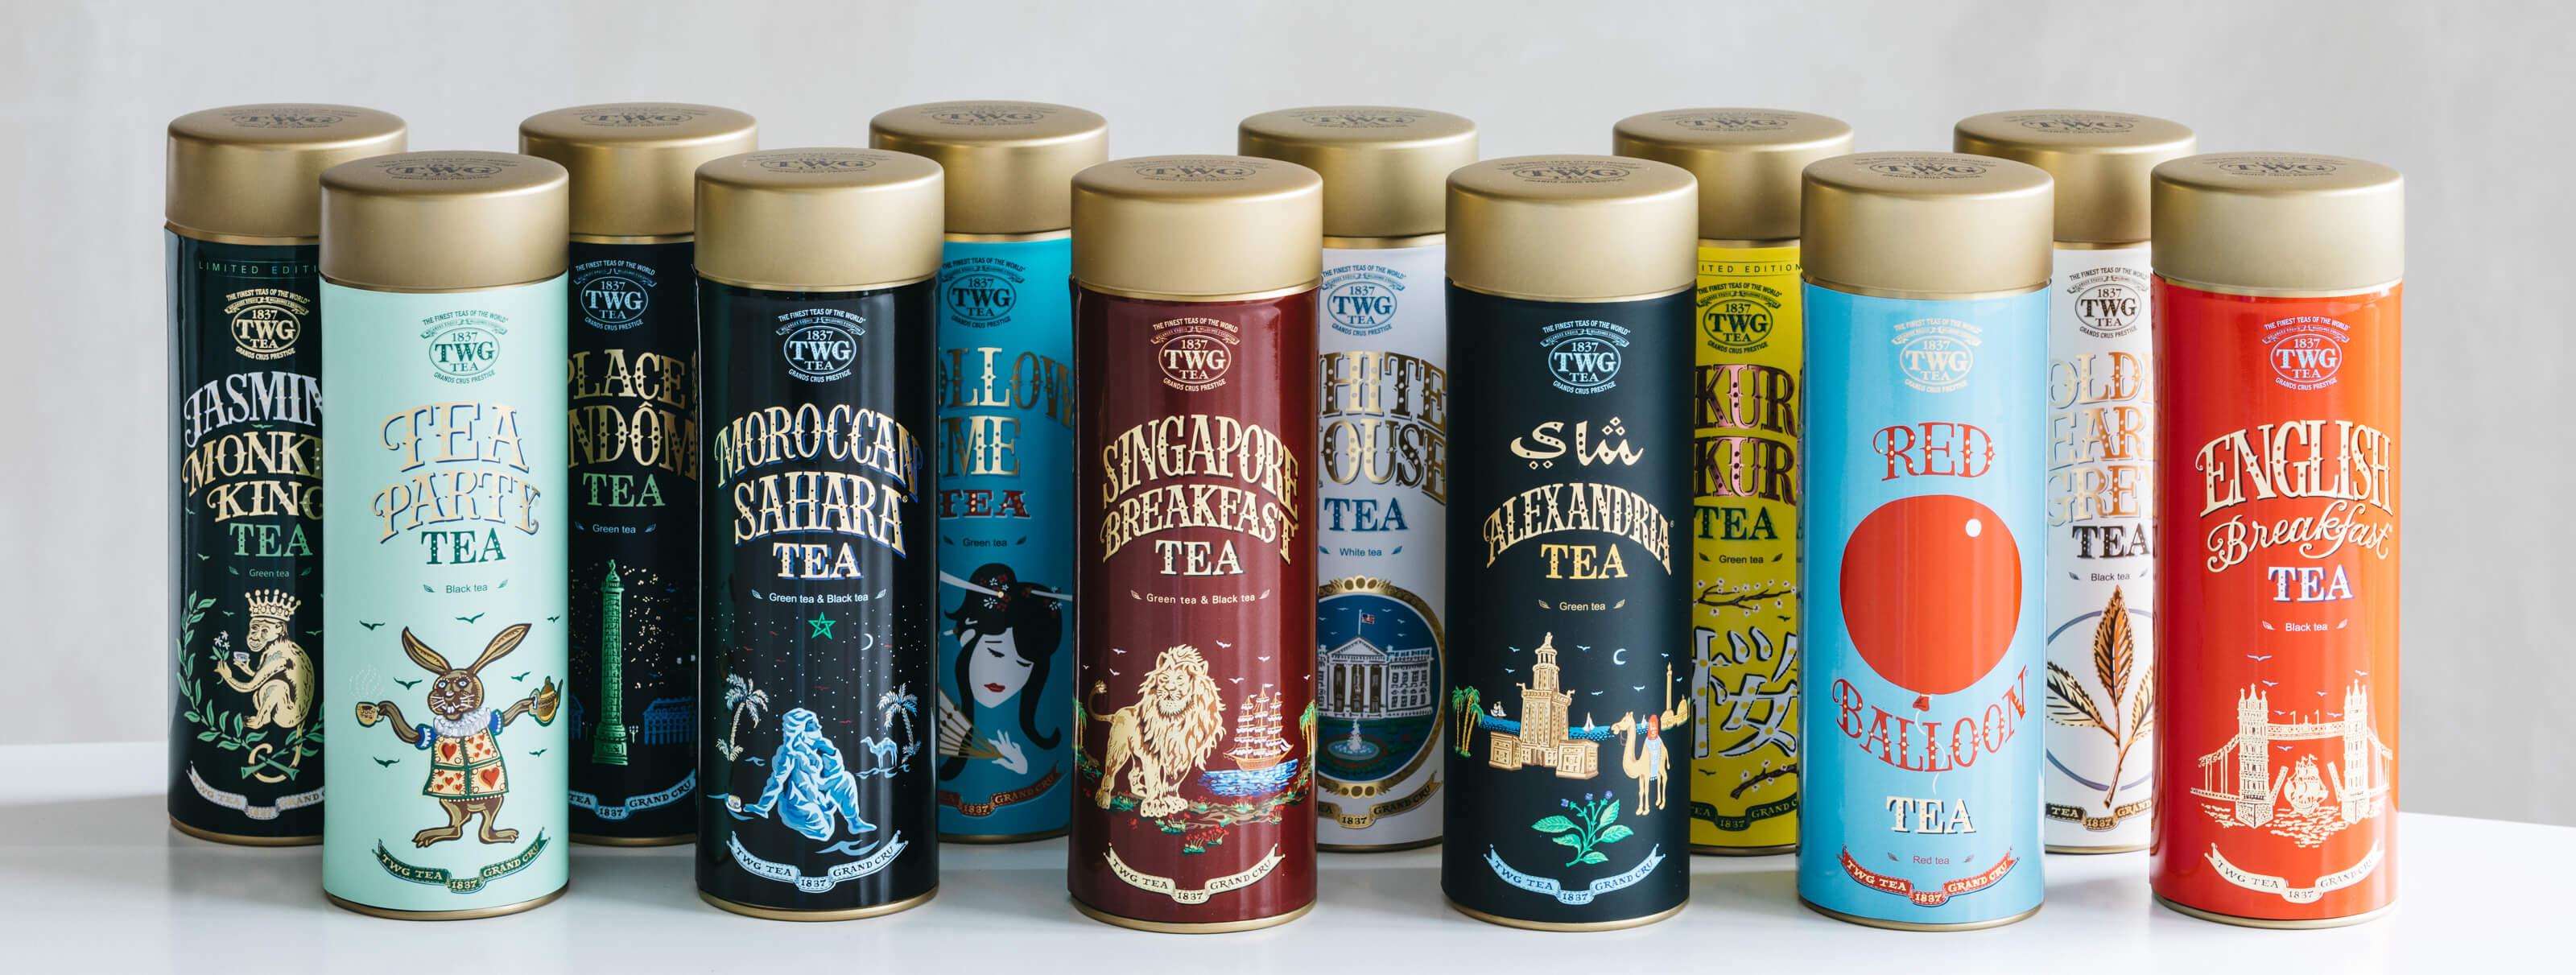 twg tea - Retail range | BOND STREET